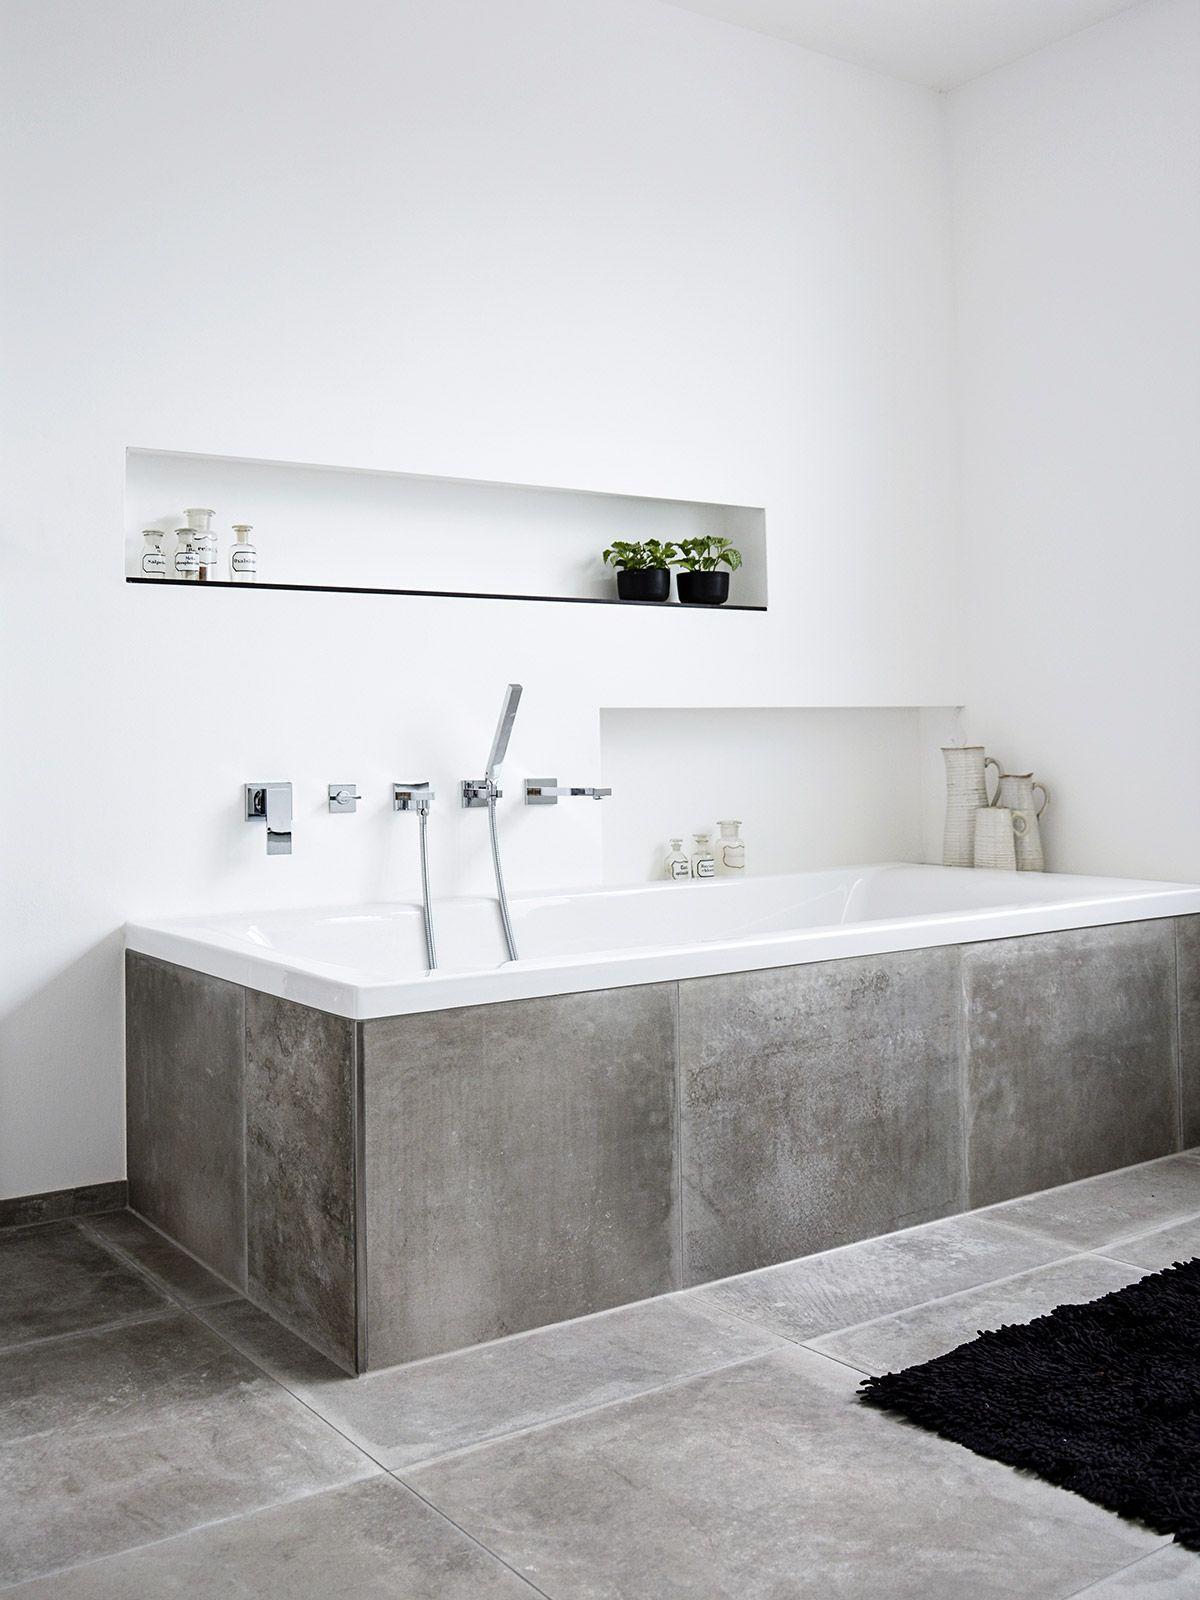 Badideen ohne badewanne stein auf stein  der neue wellnesstempel  badezimmer  pinterest